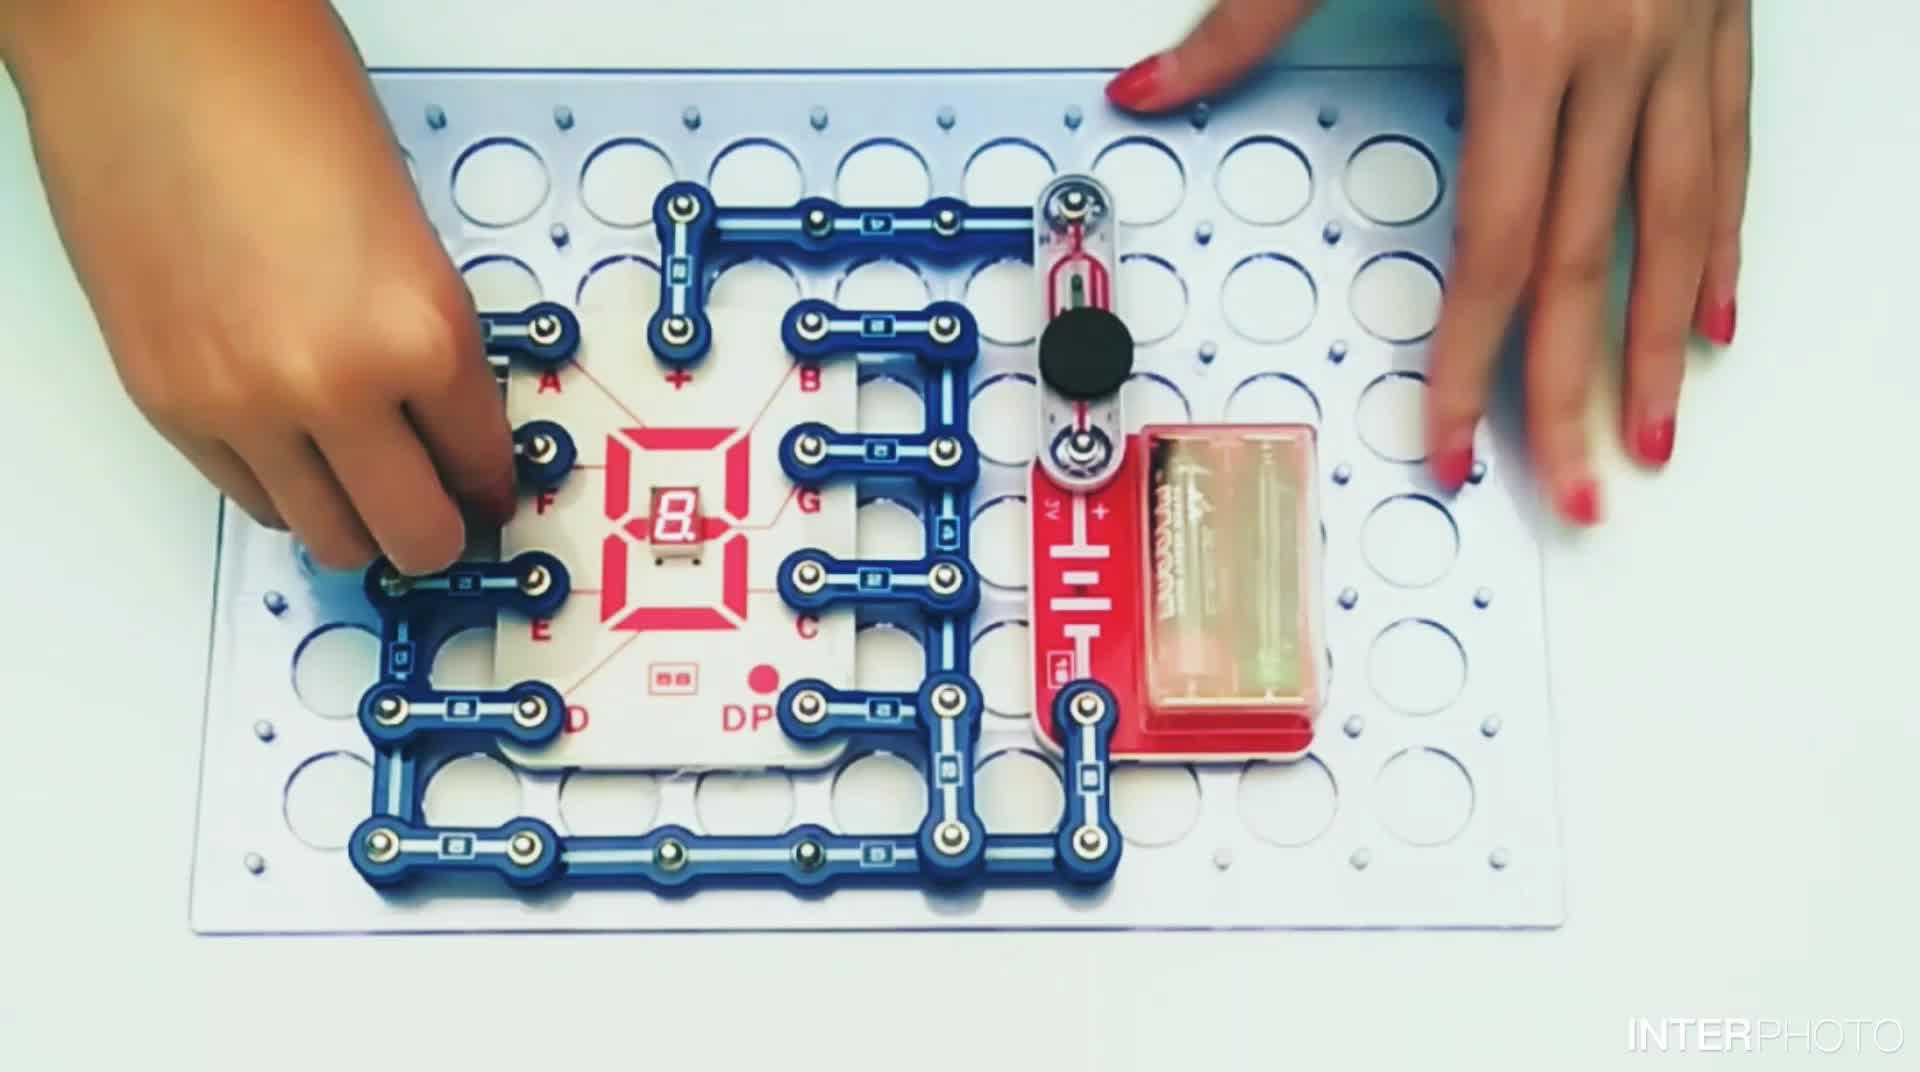 الأسهم الأصلية اللعب الإلكترونية مغناطيس toysNew البناء